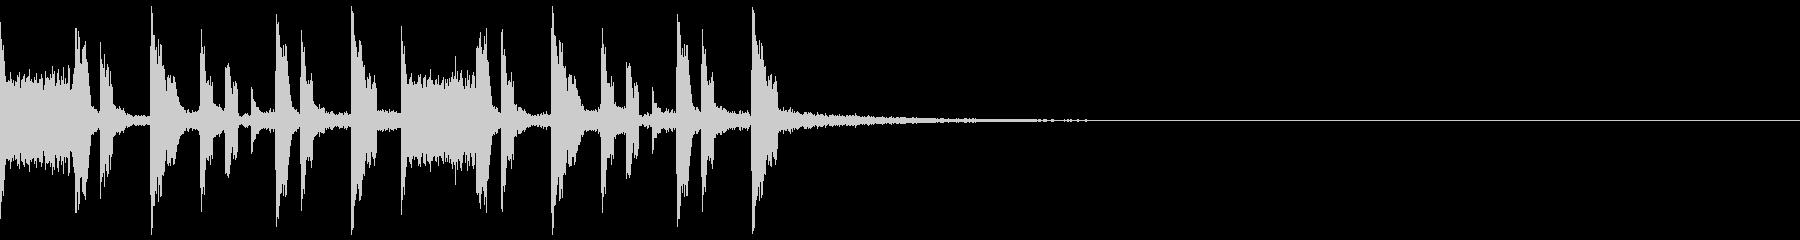 エスニックな打楽器のEDMジングルの未再生の波形